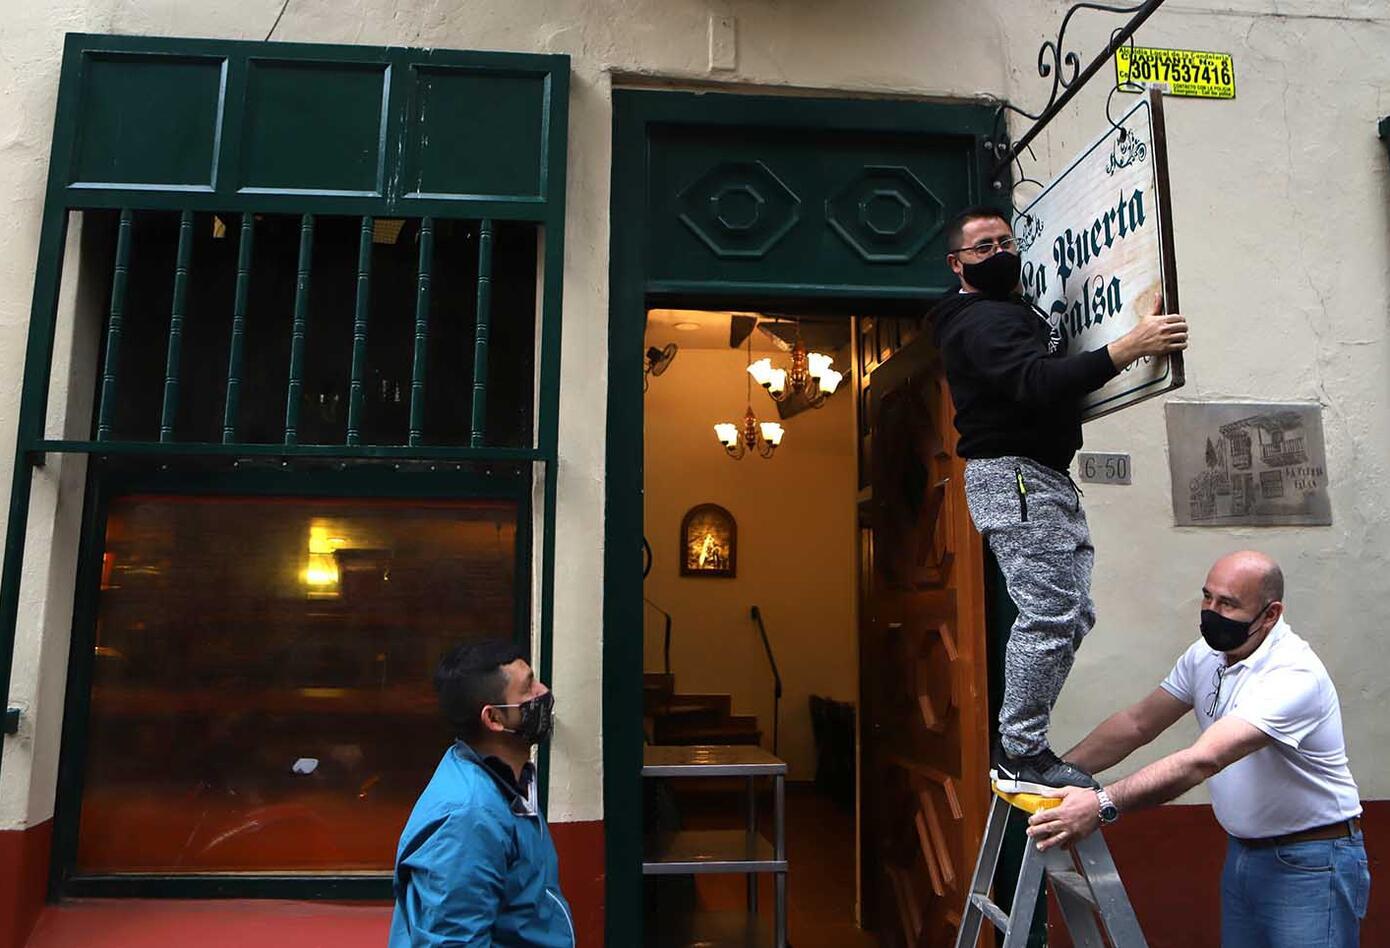 La Puerta Falsa reabre en pandemia / Restaurantes de Bogotá